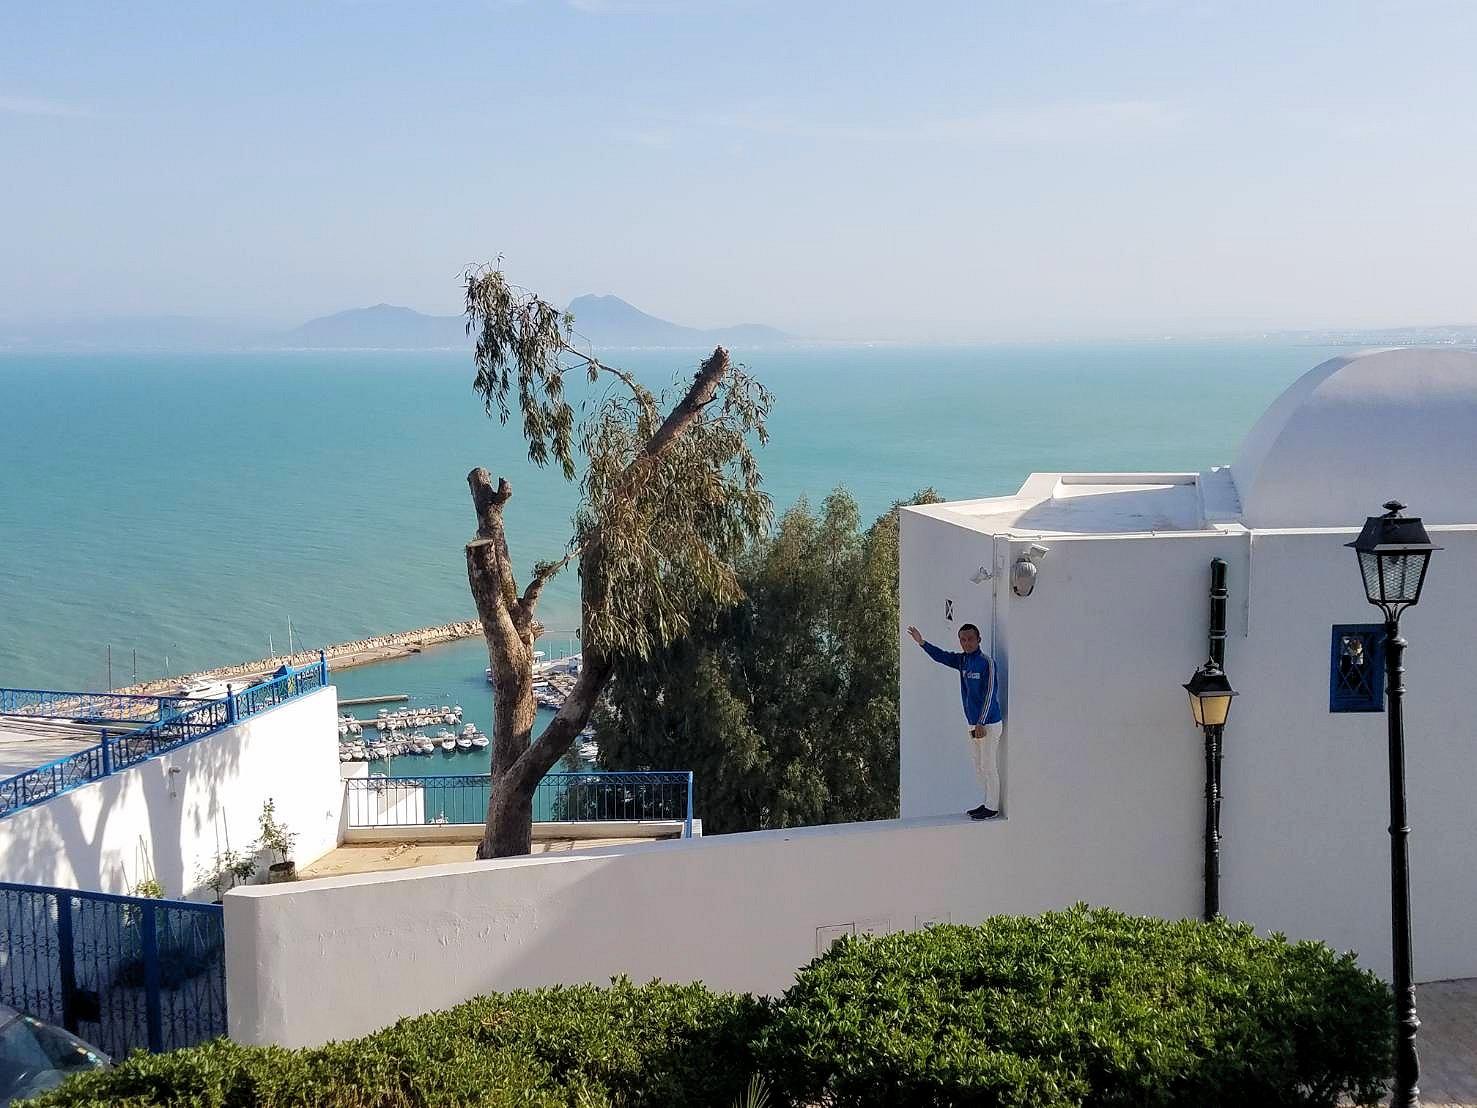 チュニジア:シディ・ブ・サイドの街を進んで絶景ポイントで写真撮影に夢中6